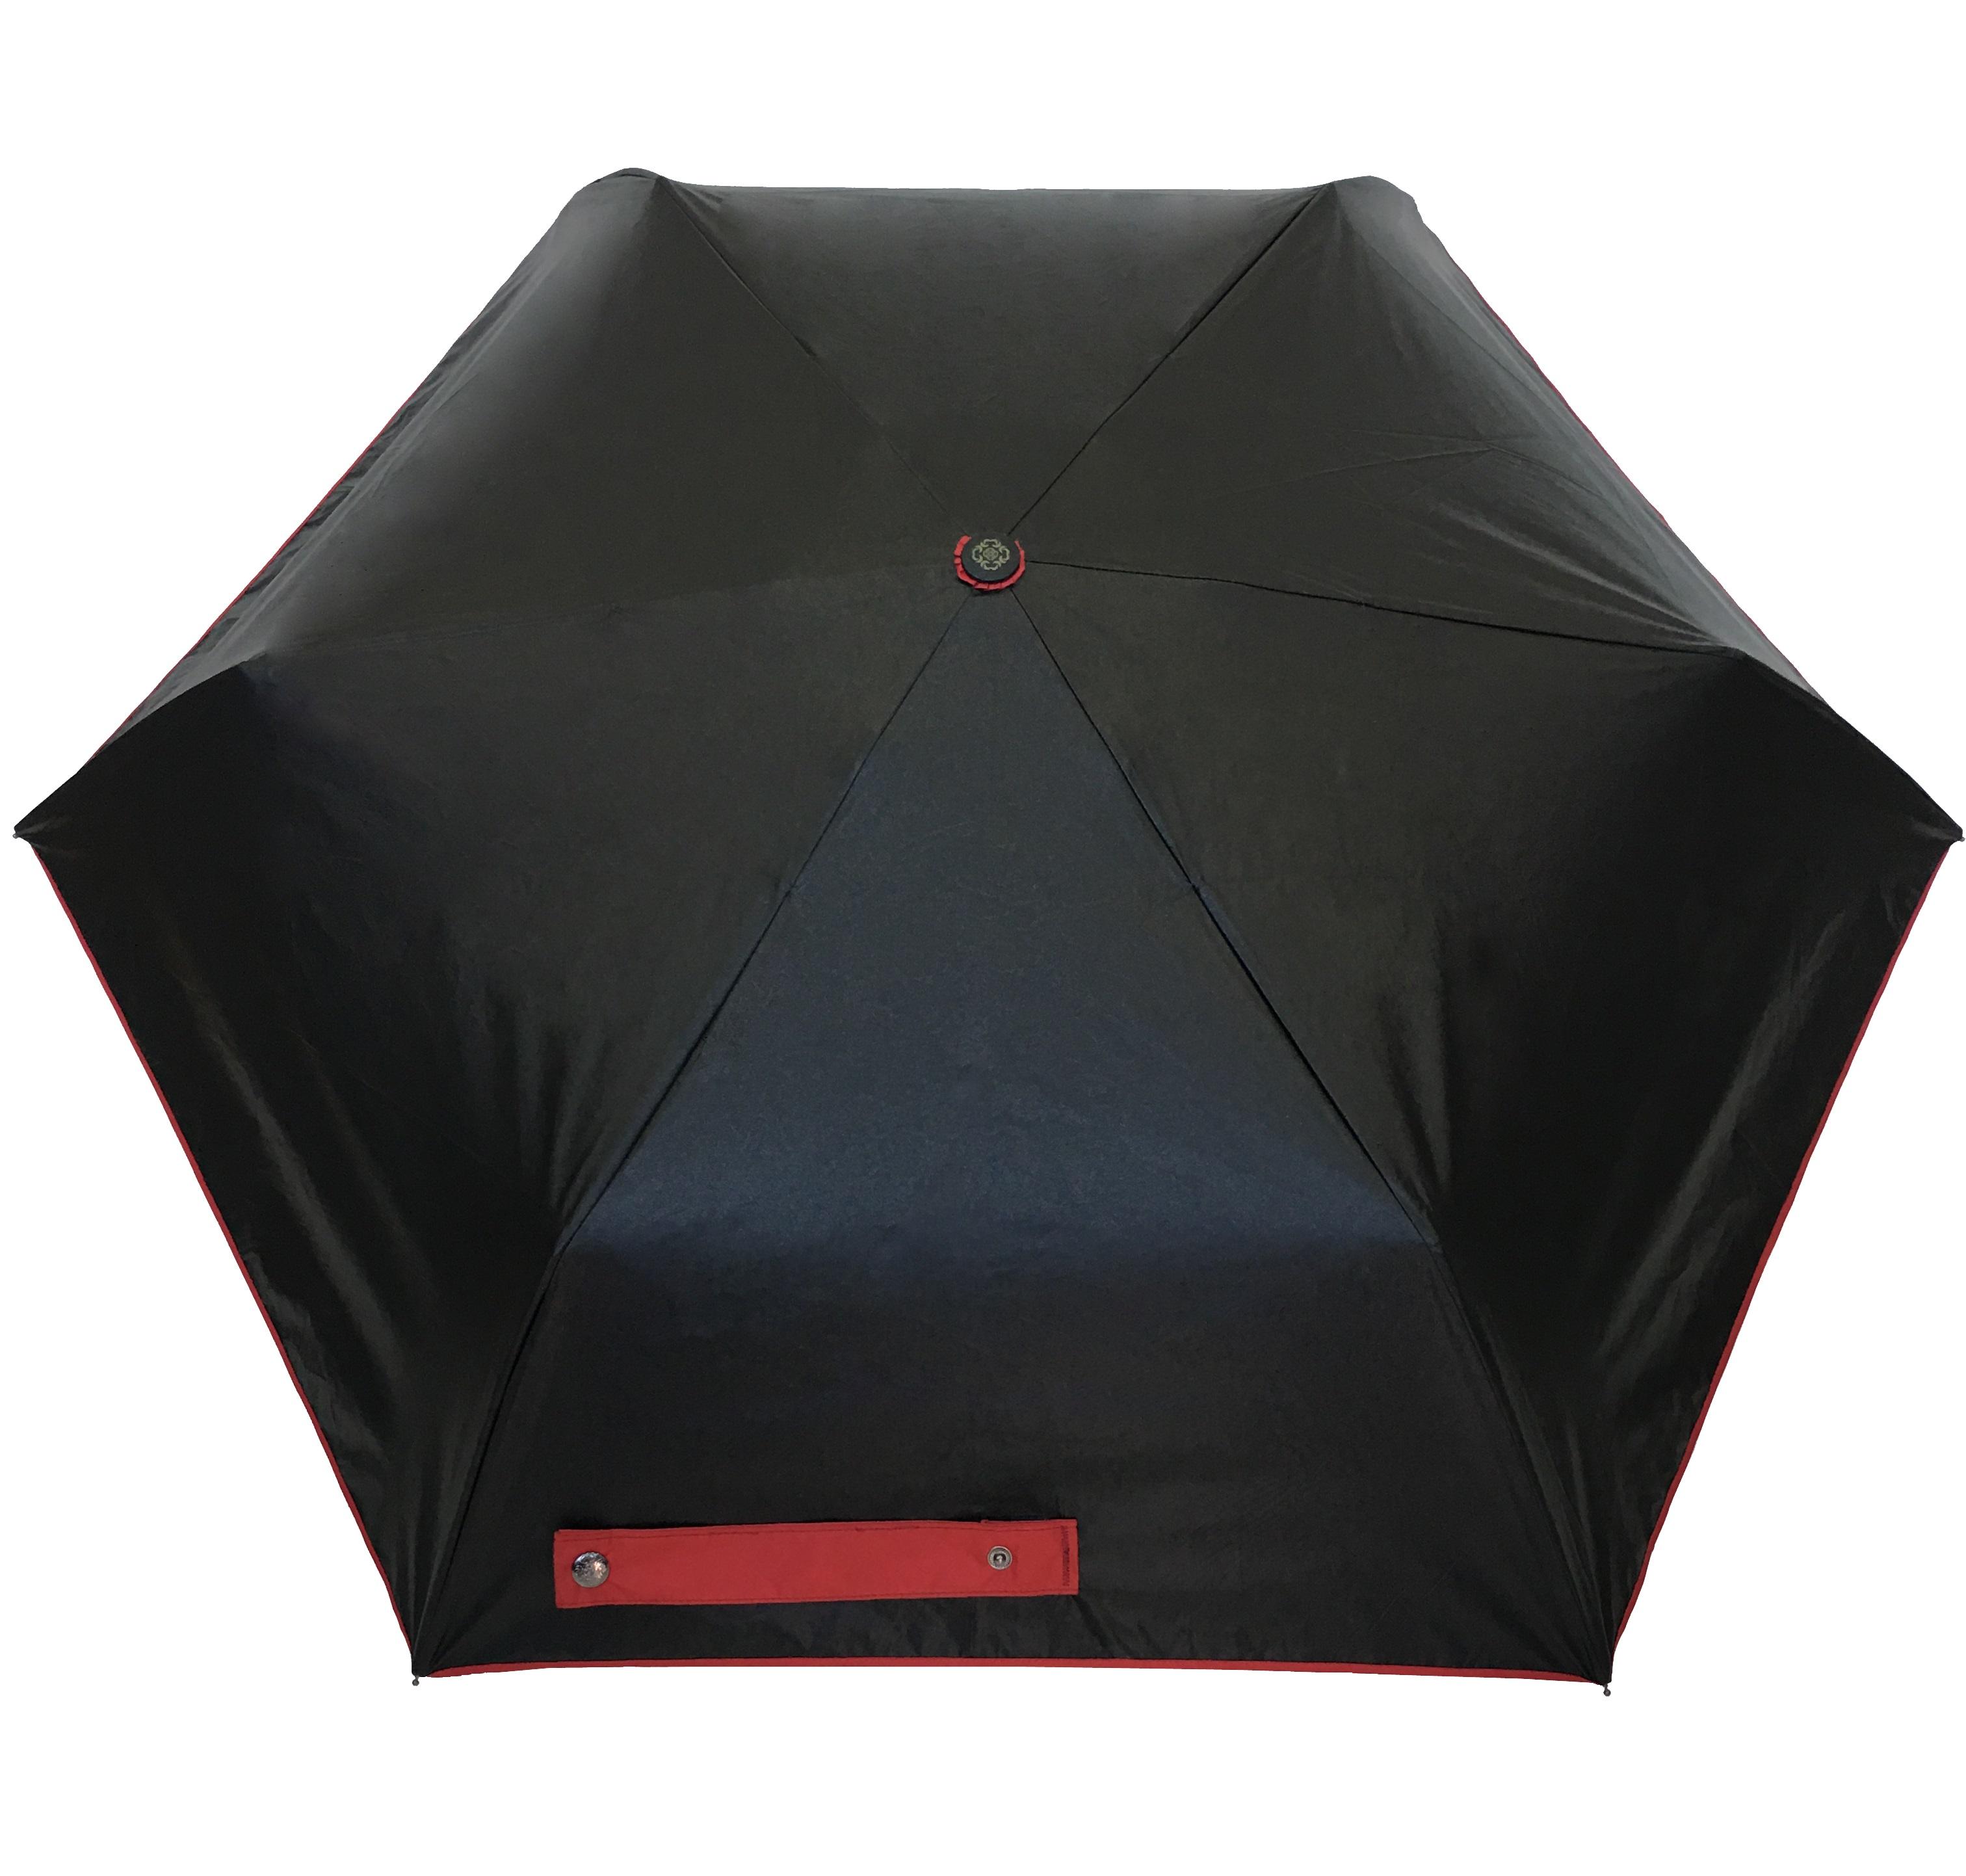 Parapluie pliant mixte automatique anti UV noir et rouge - Kausia 7508a5d8354